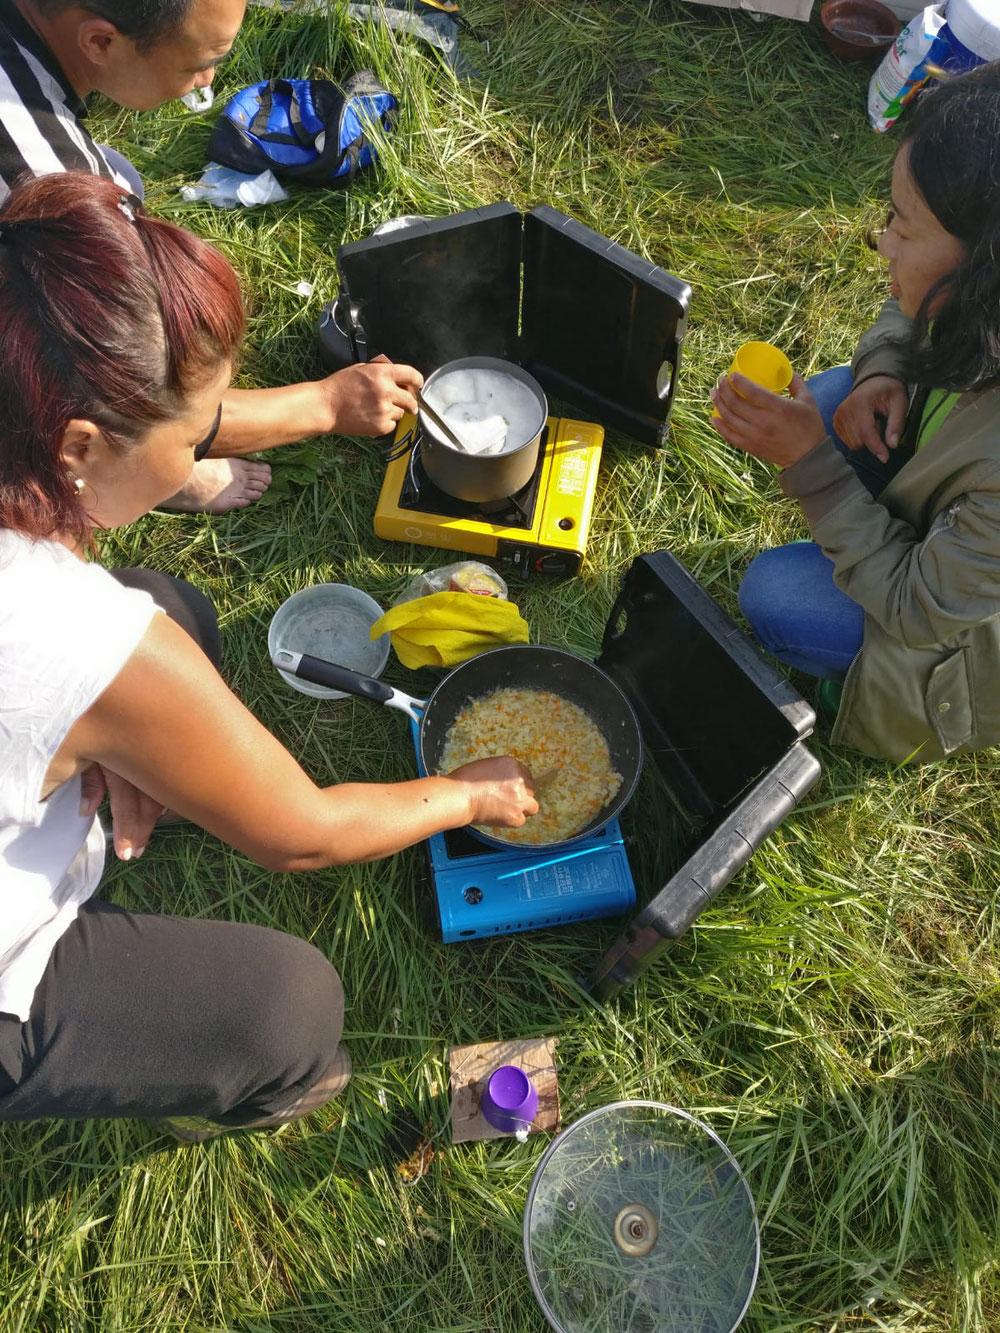 Outdoor Küche auf mongolisch